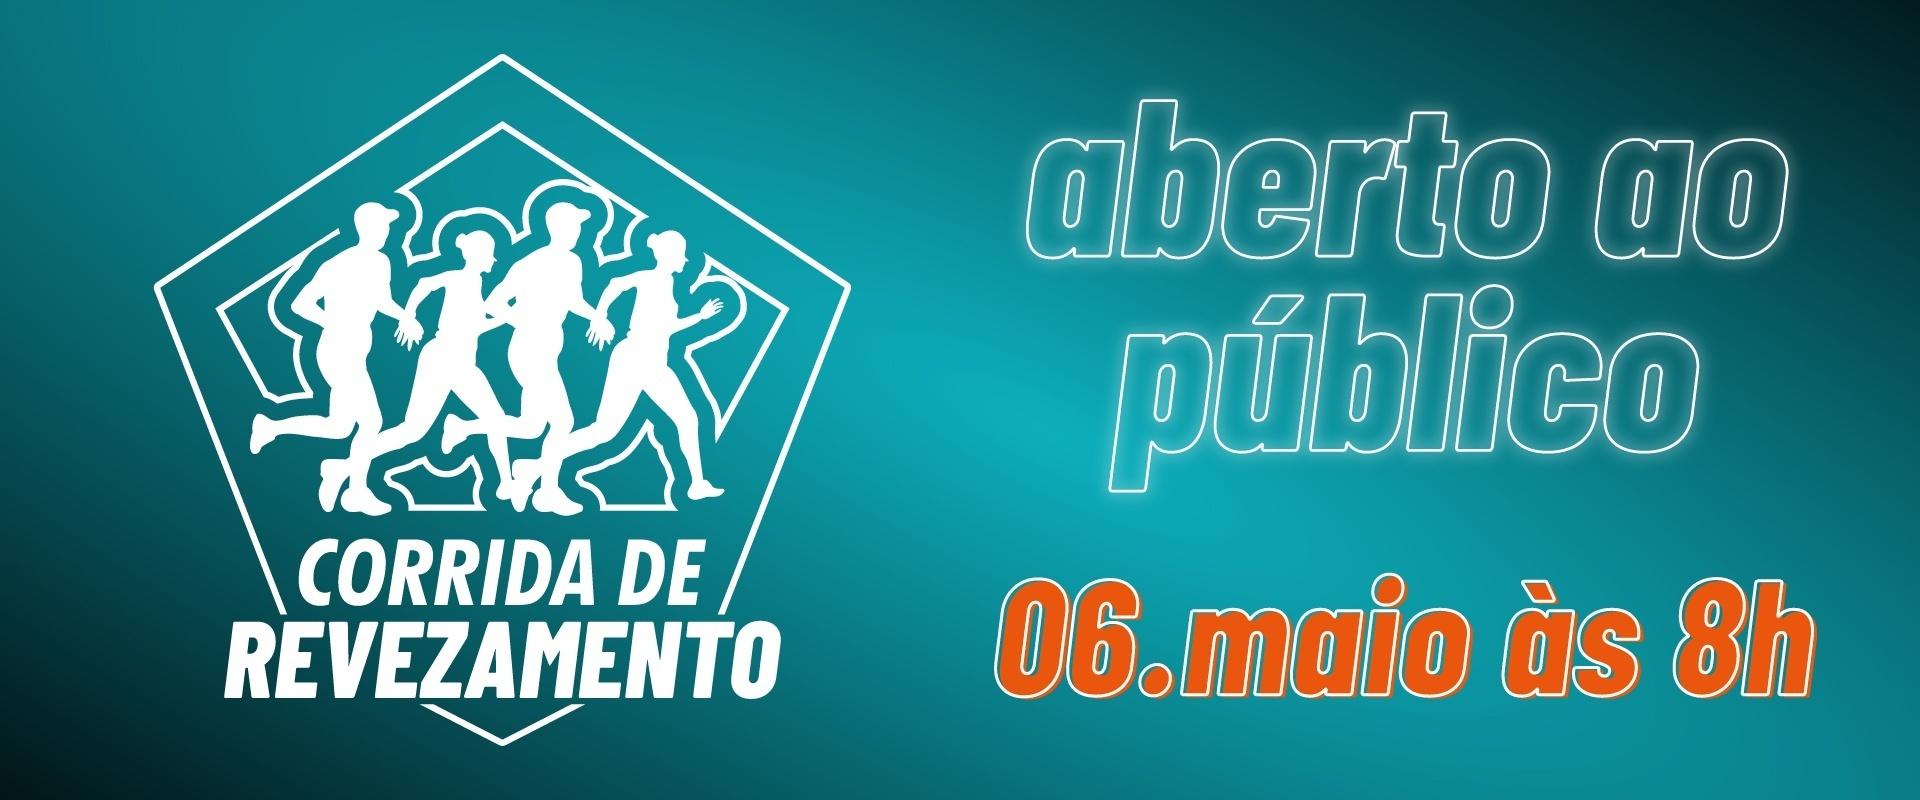 site_revezamento_Site_banner